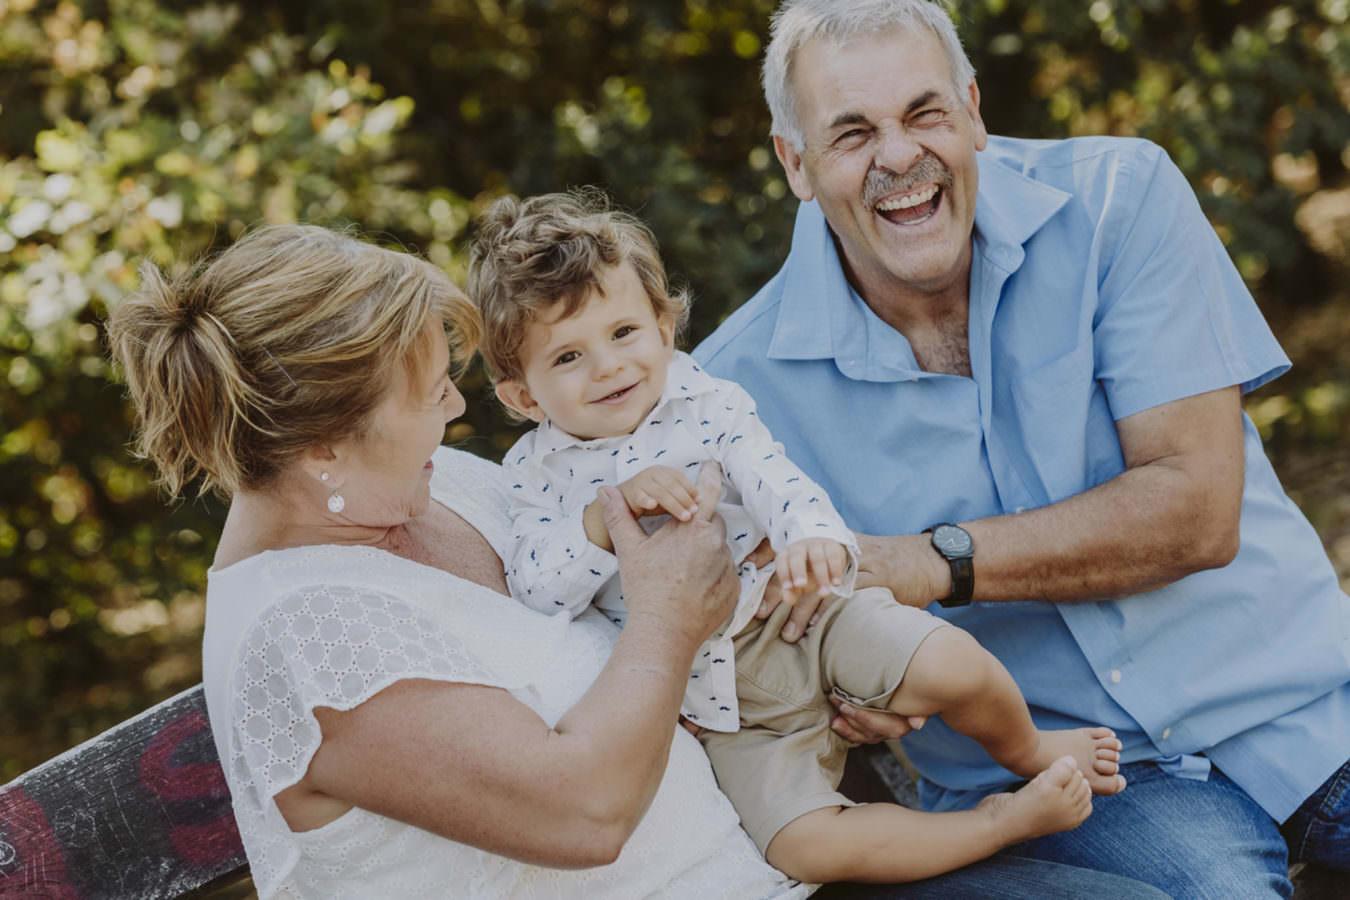 Fotoshooting mit beiden, lachenden Großeltern und ihrem kleinen Enkel